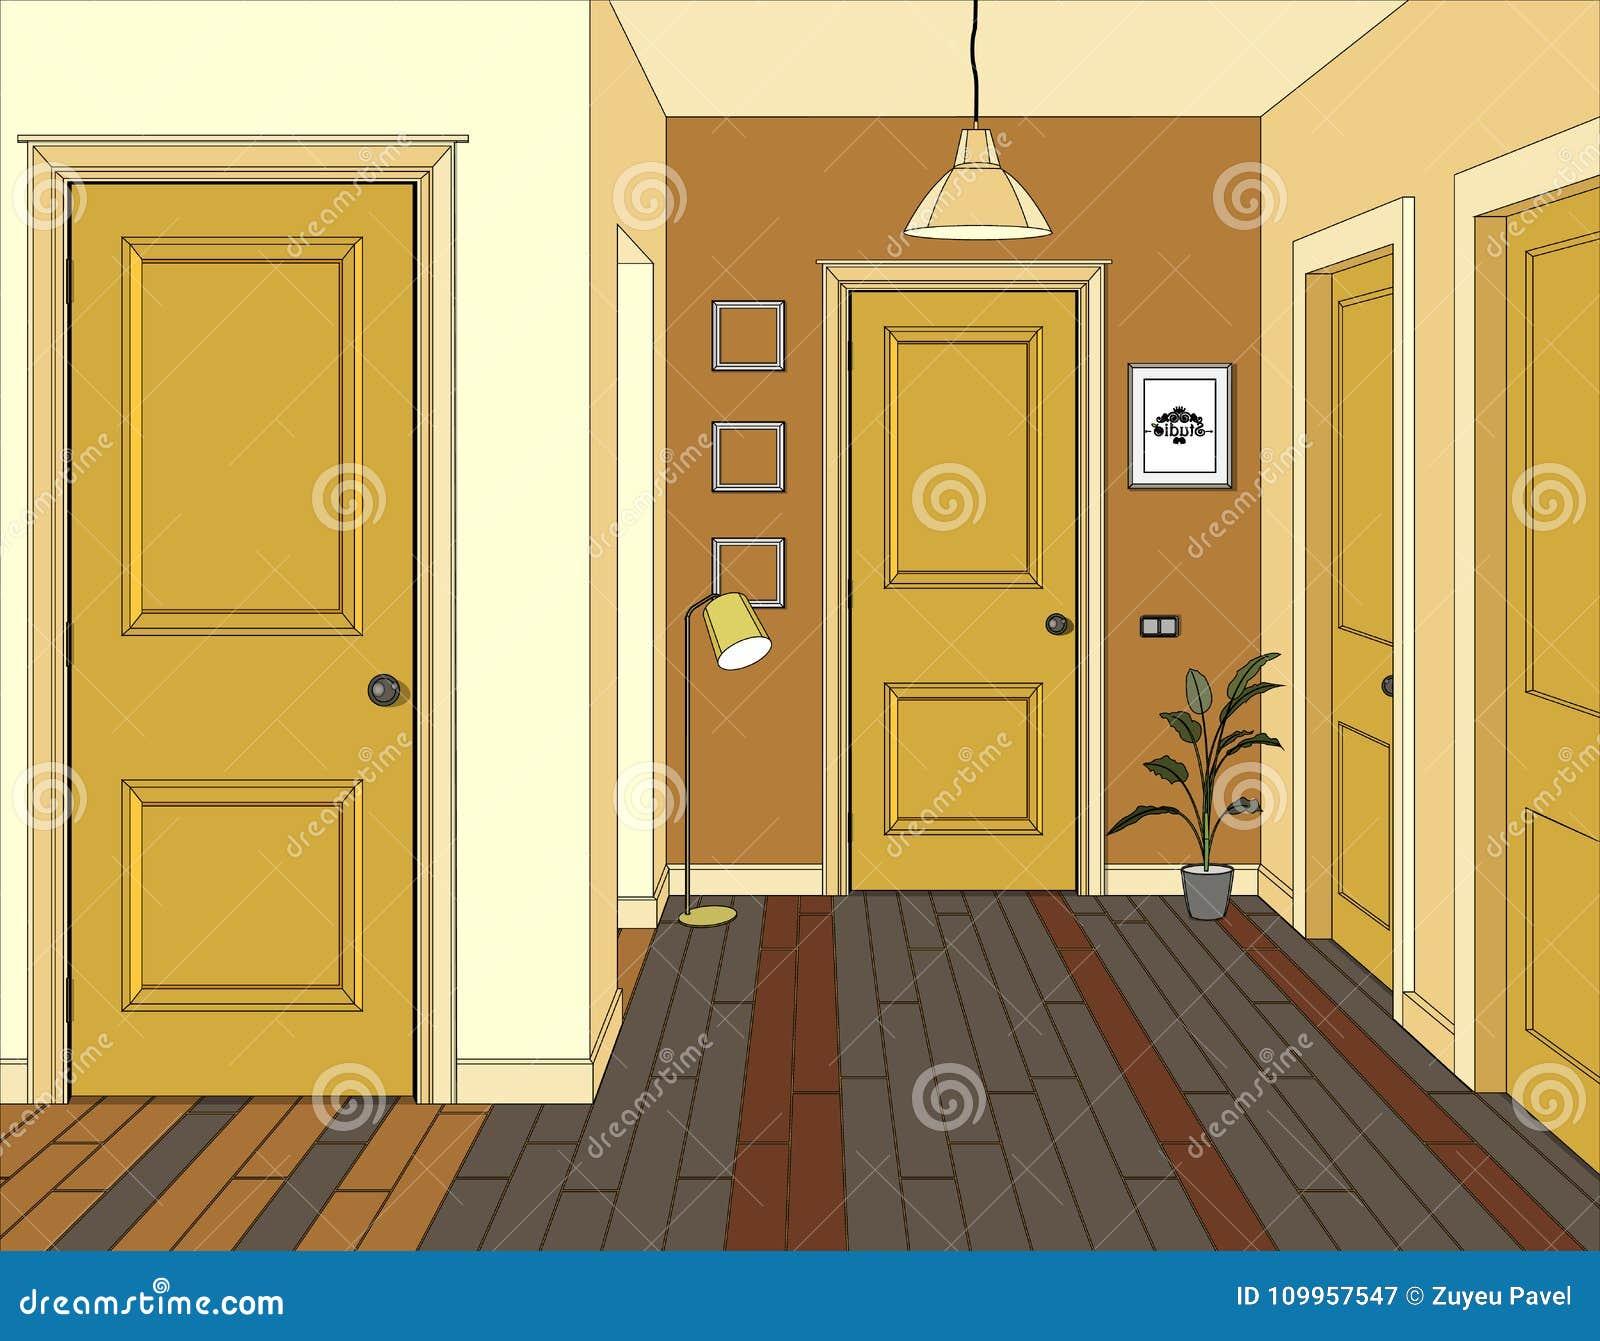 Illustration av ett rum med gula dörrar Inre av rummet med möblemang Illustrationhall